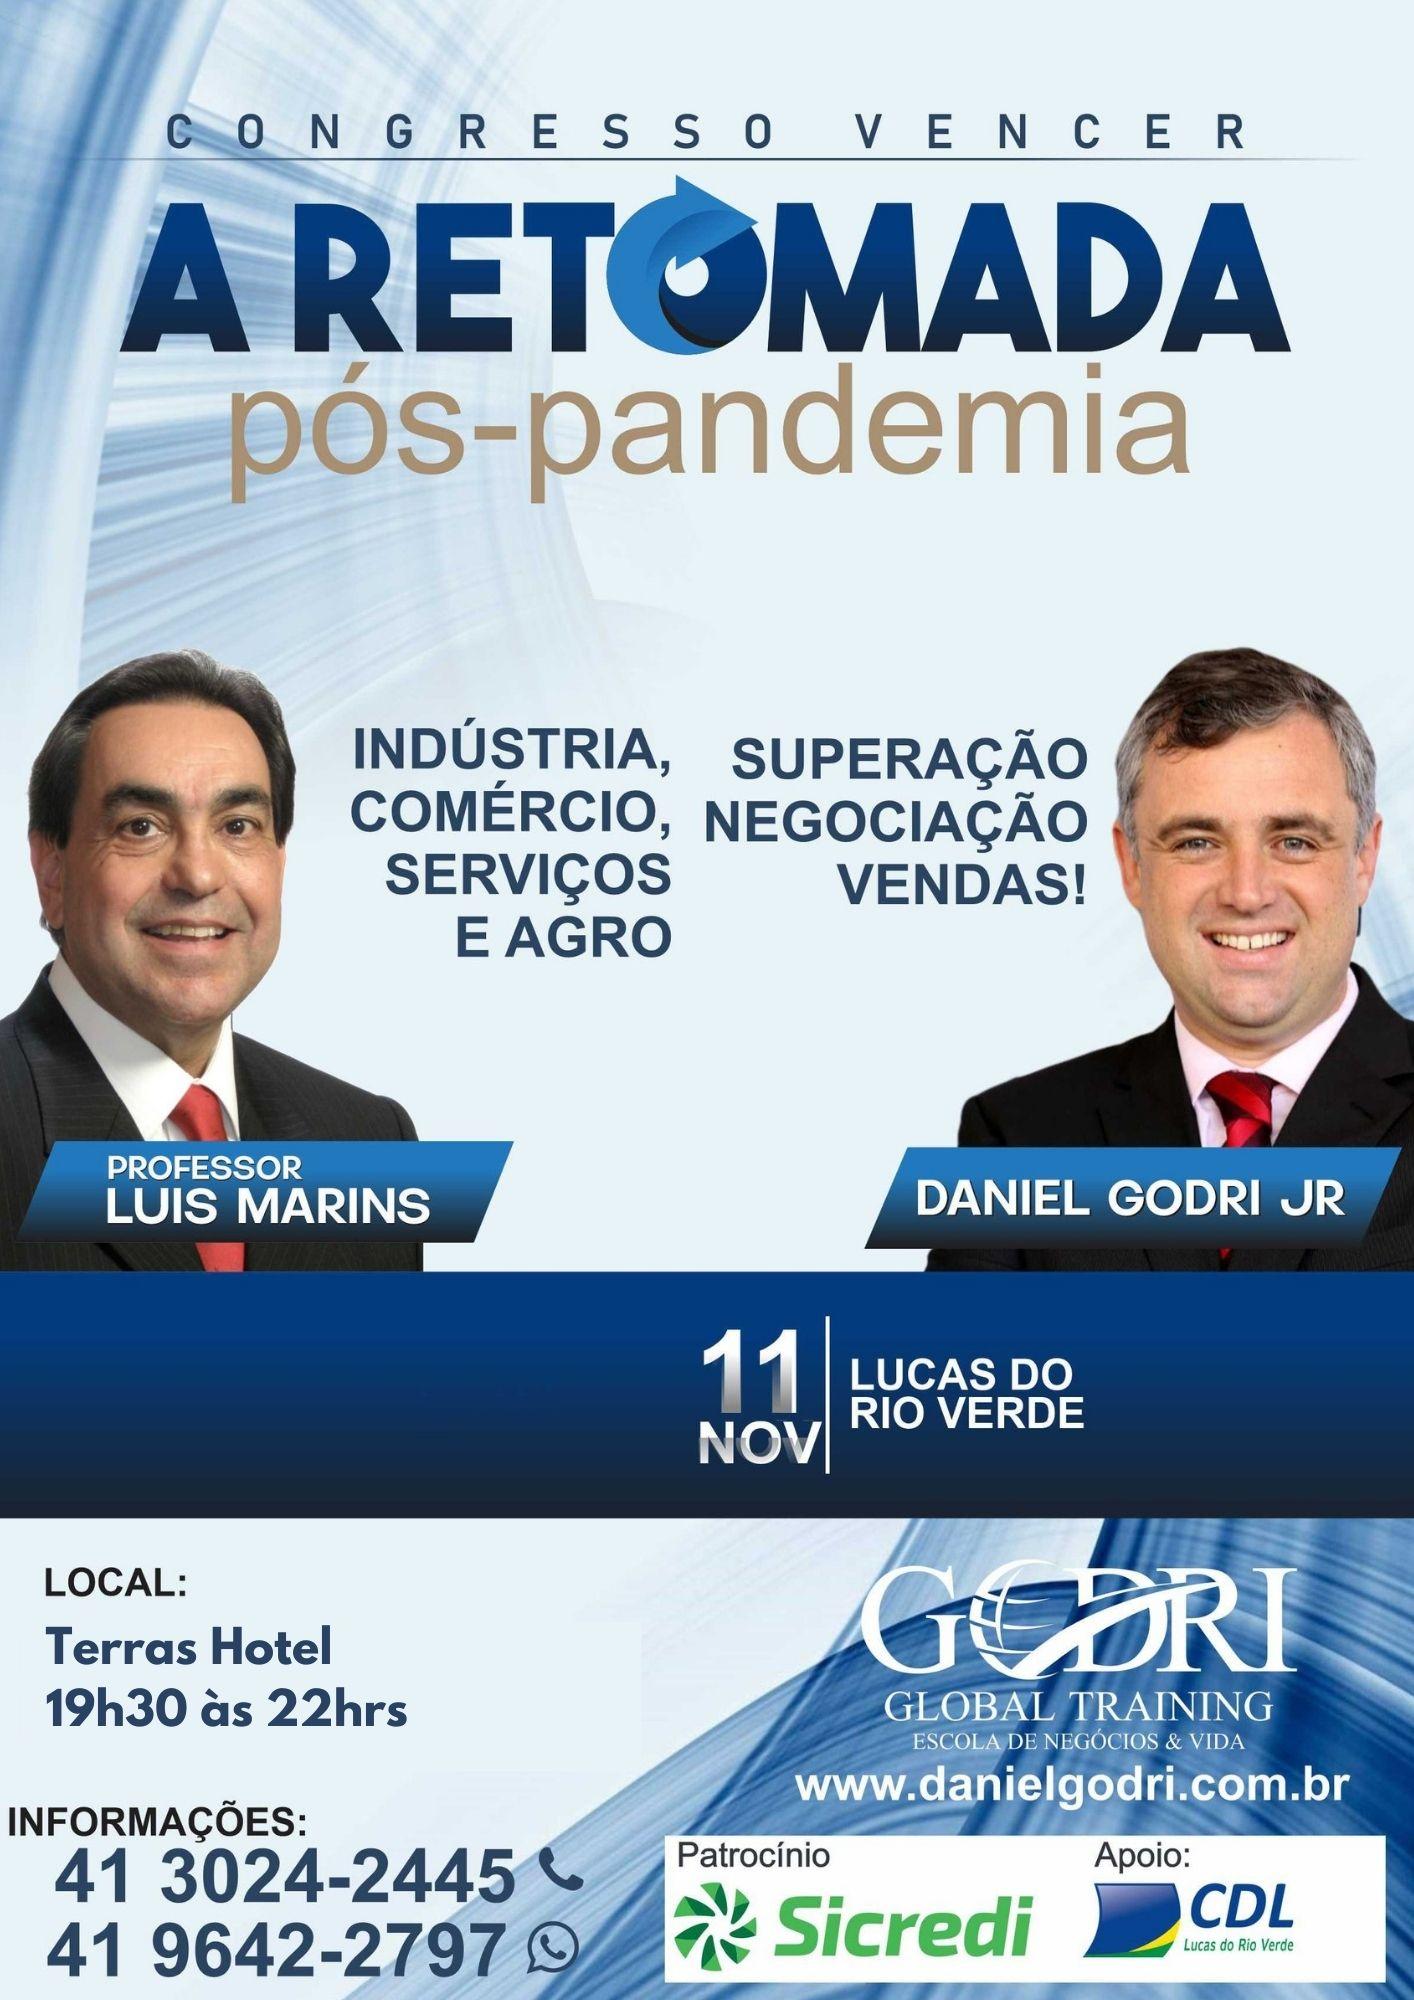 Congresso Vencer em Lucas do Rio Verde